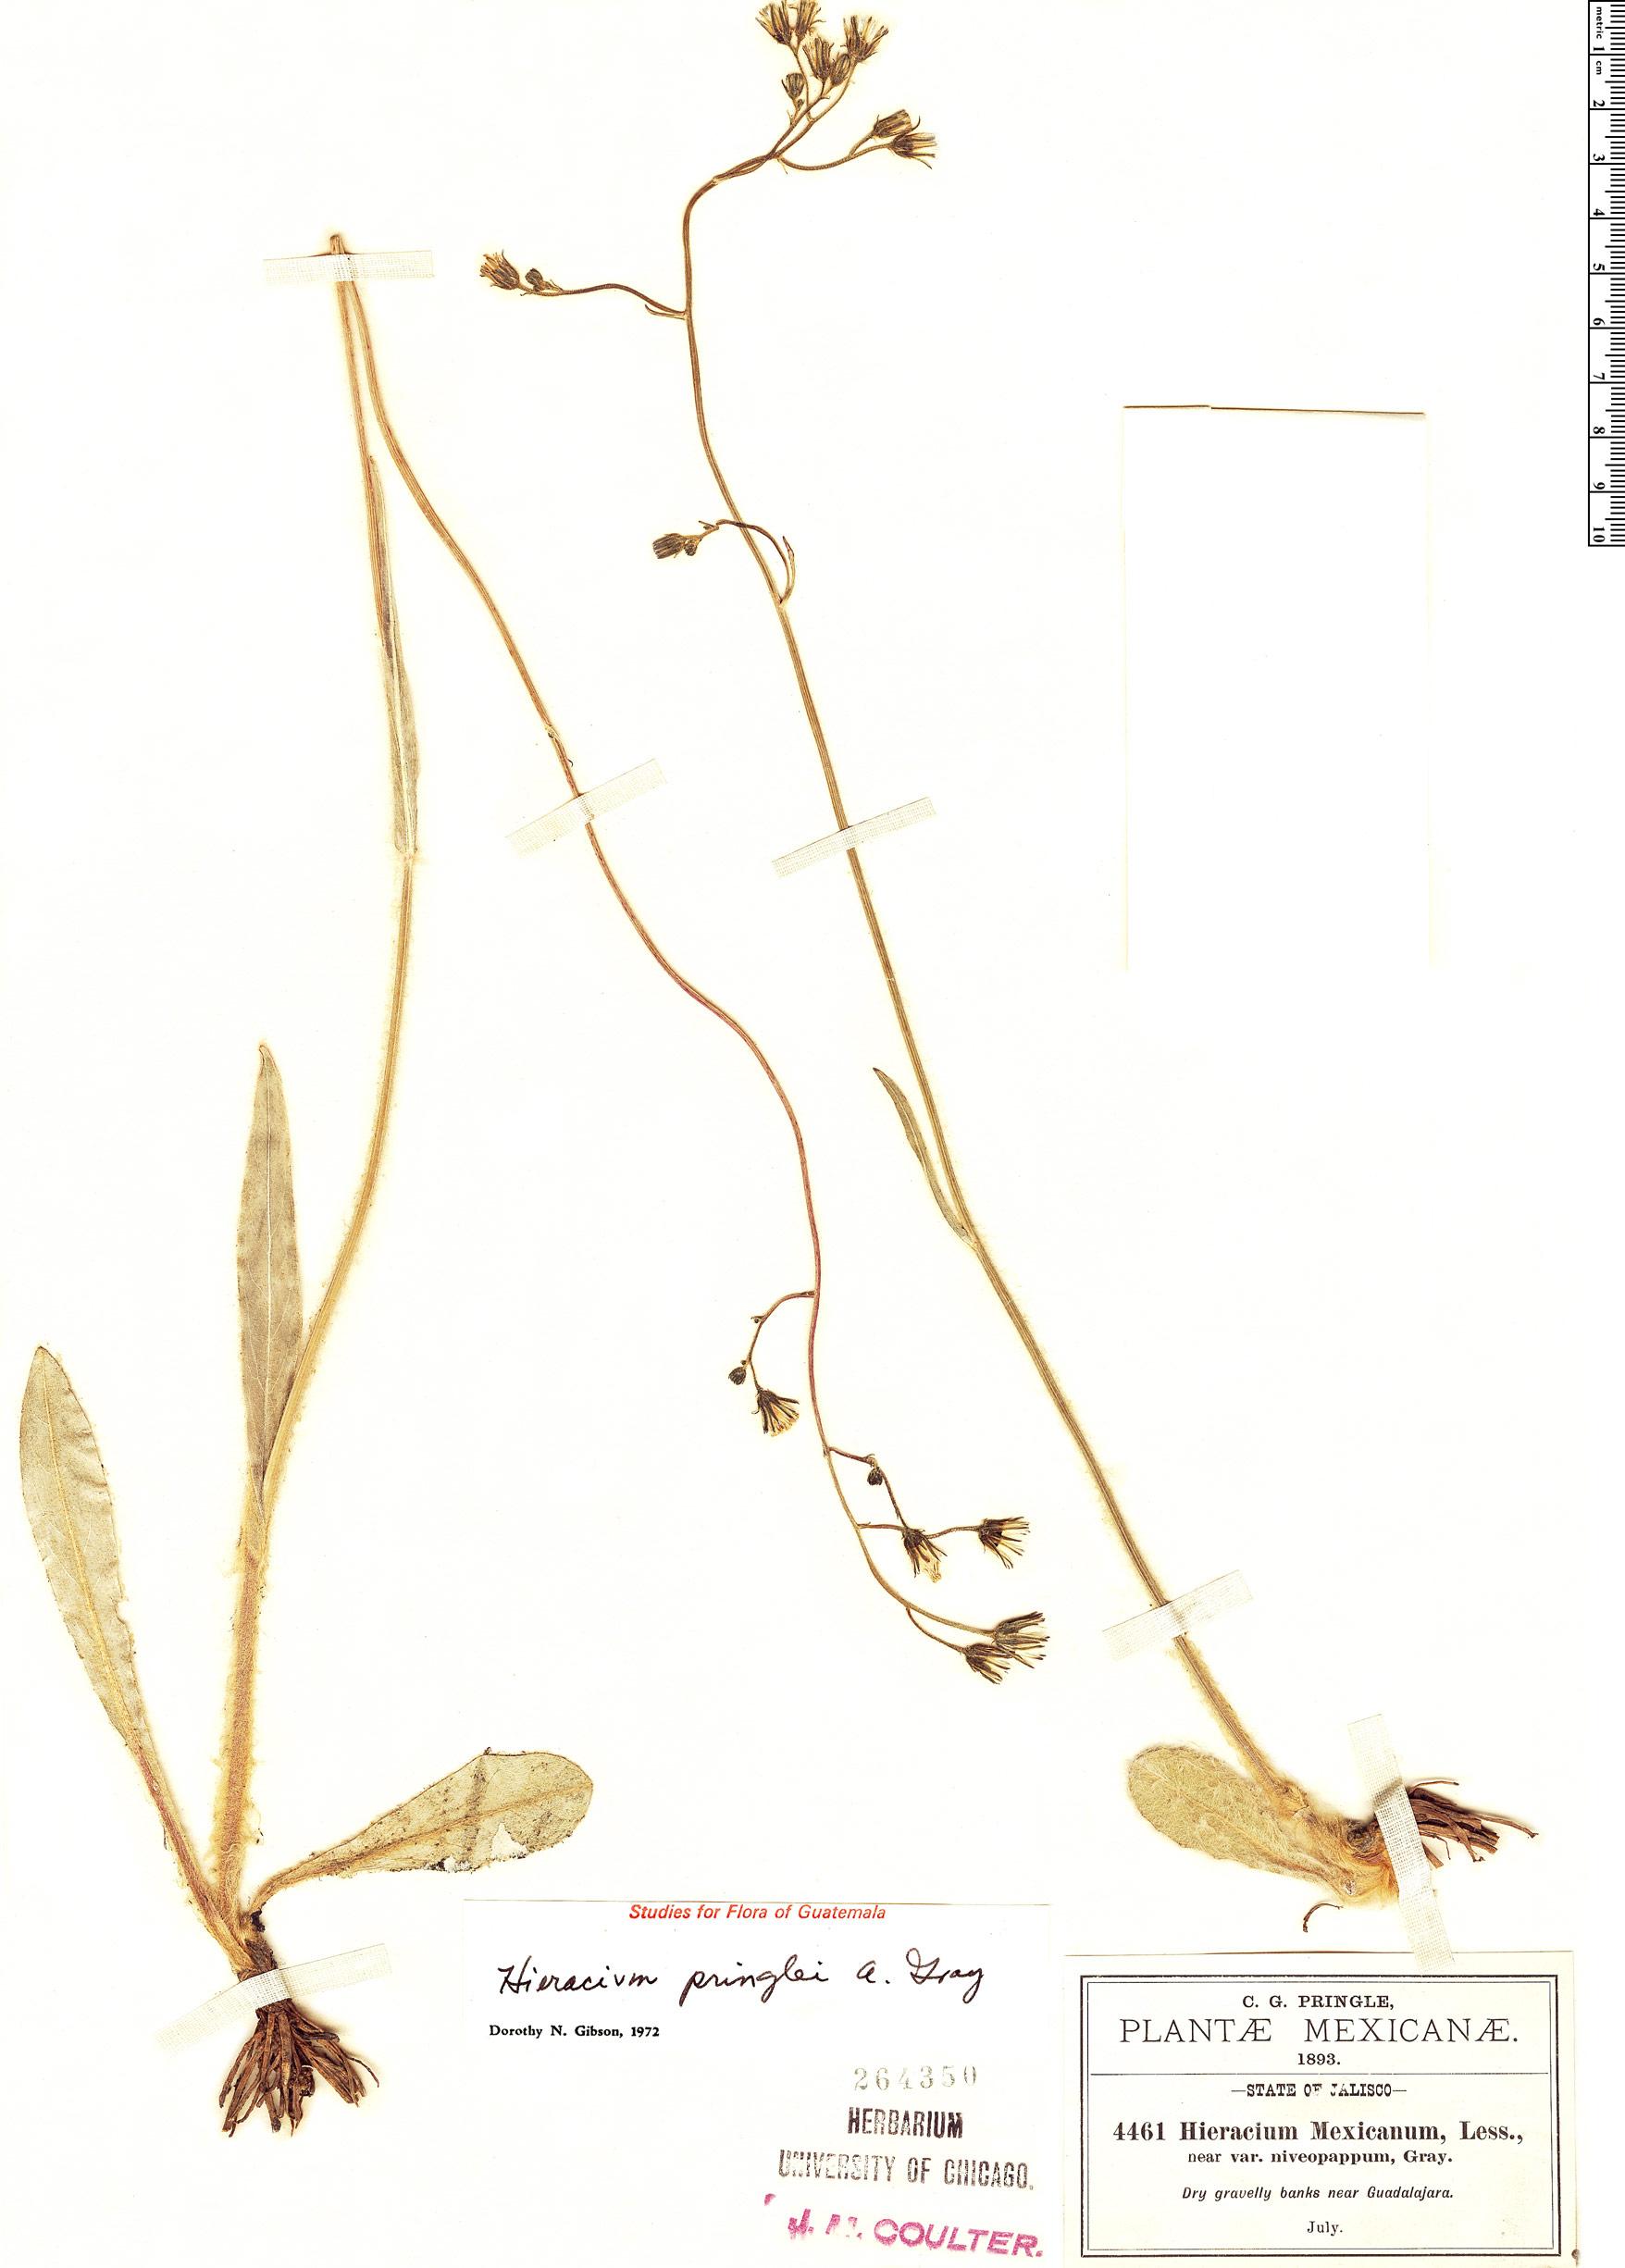 Specimen: Hieracium pringlei